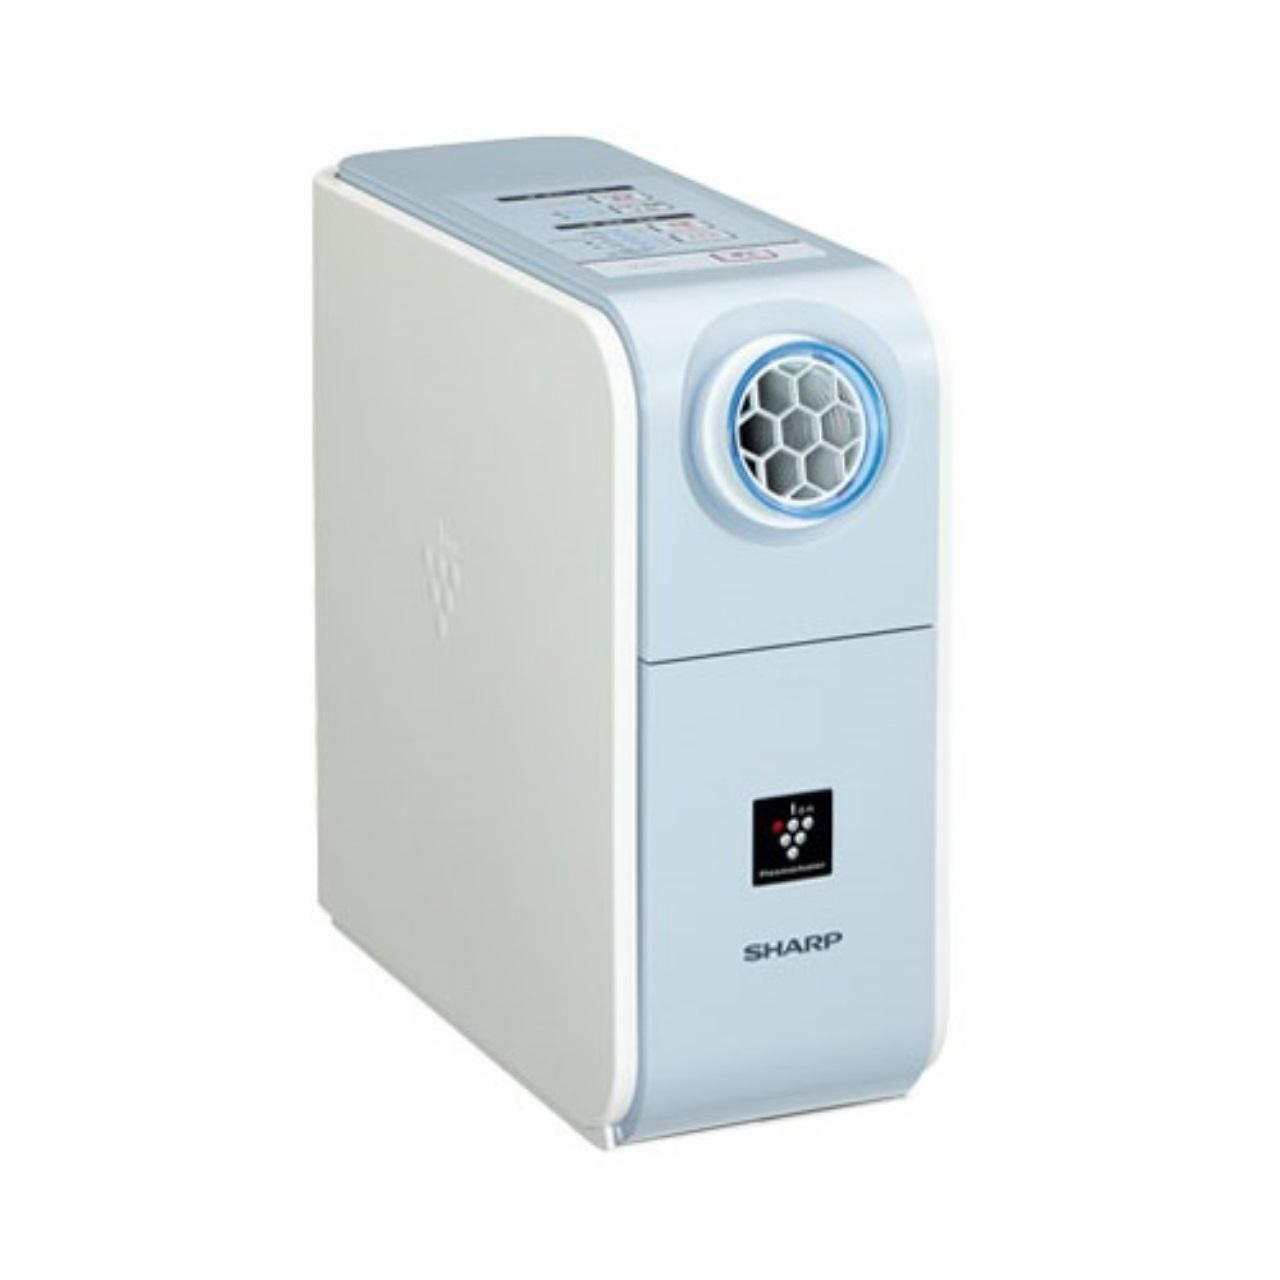 シャープDI-CD1Sふとん乾燥機